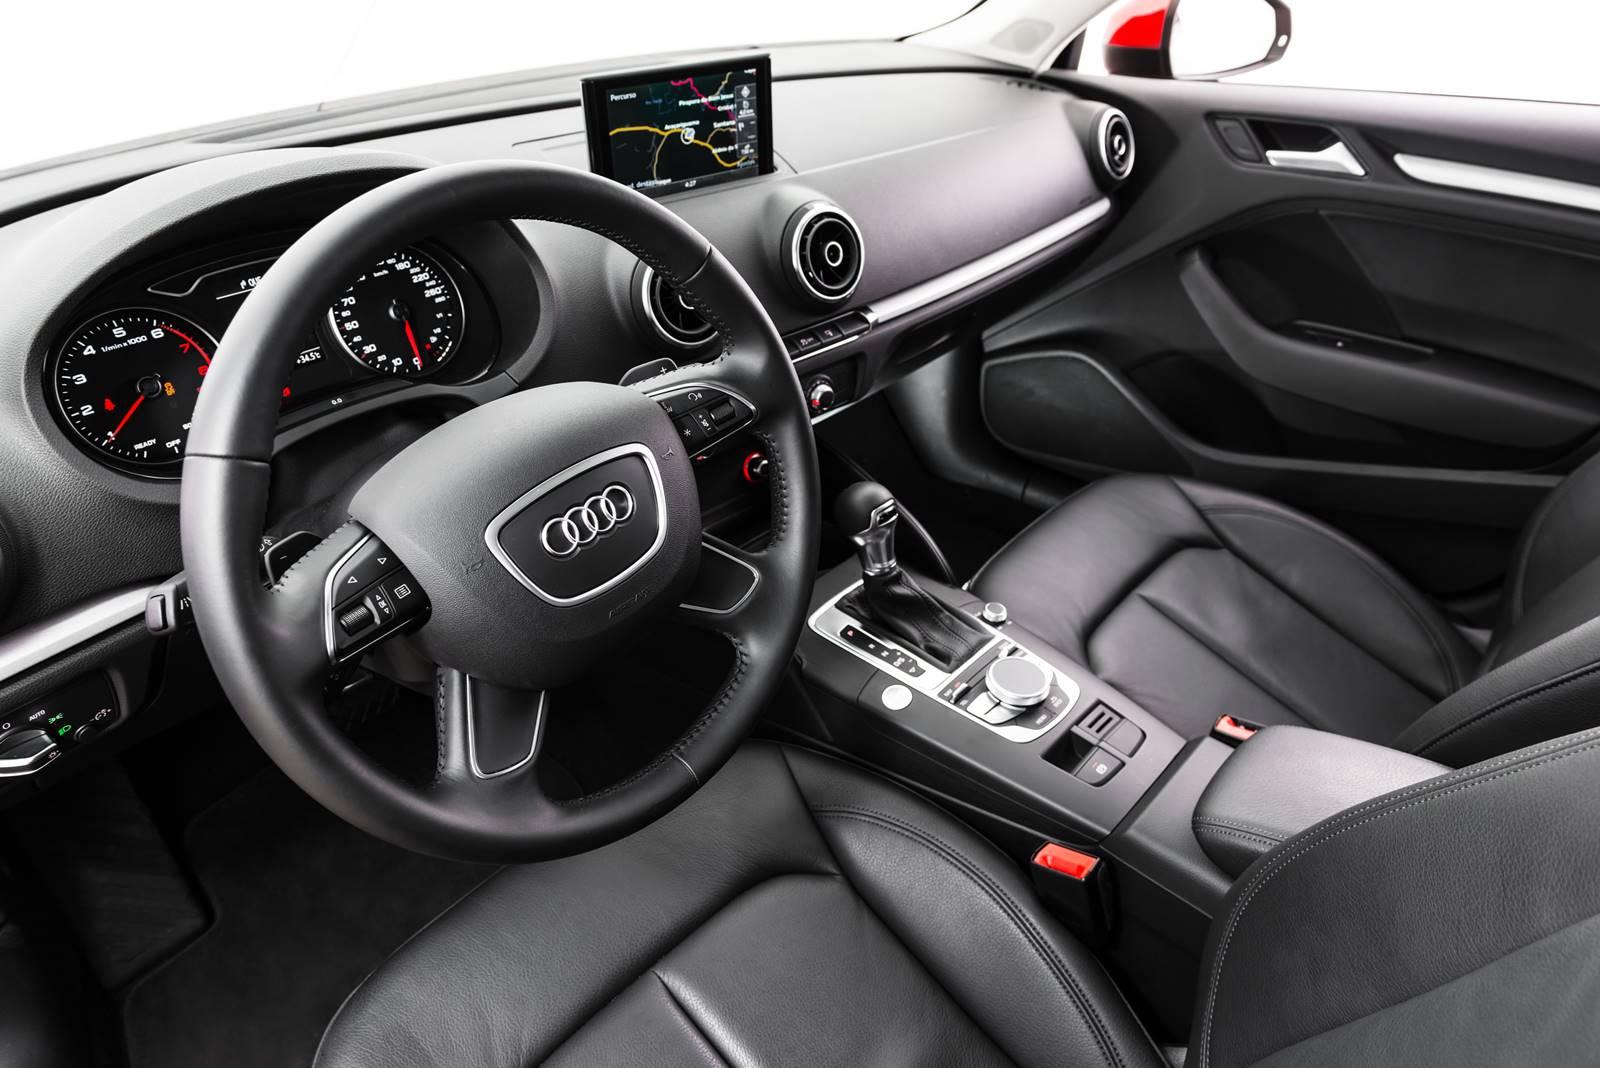 Audi A3 Sedan 1.4 Flex 2016 - consumo